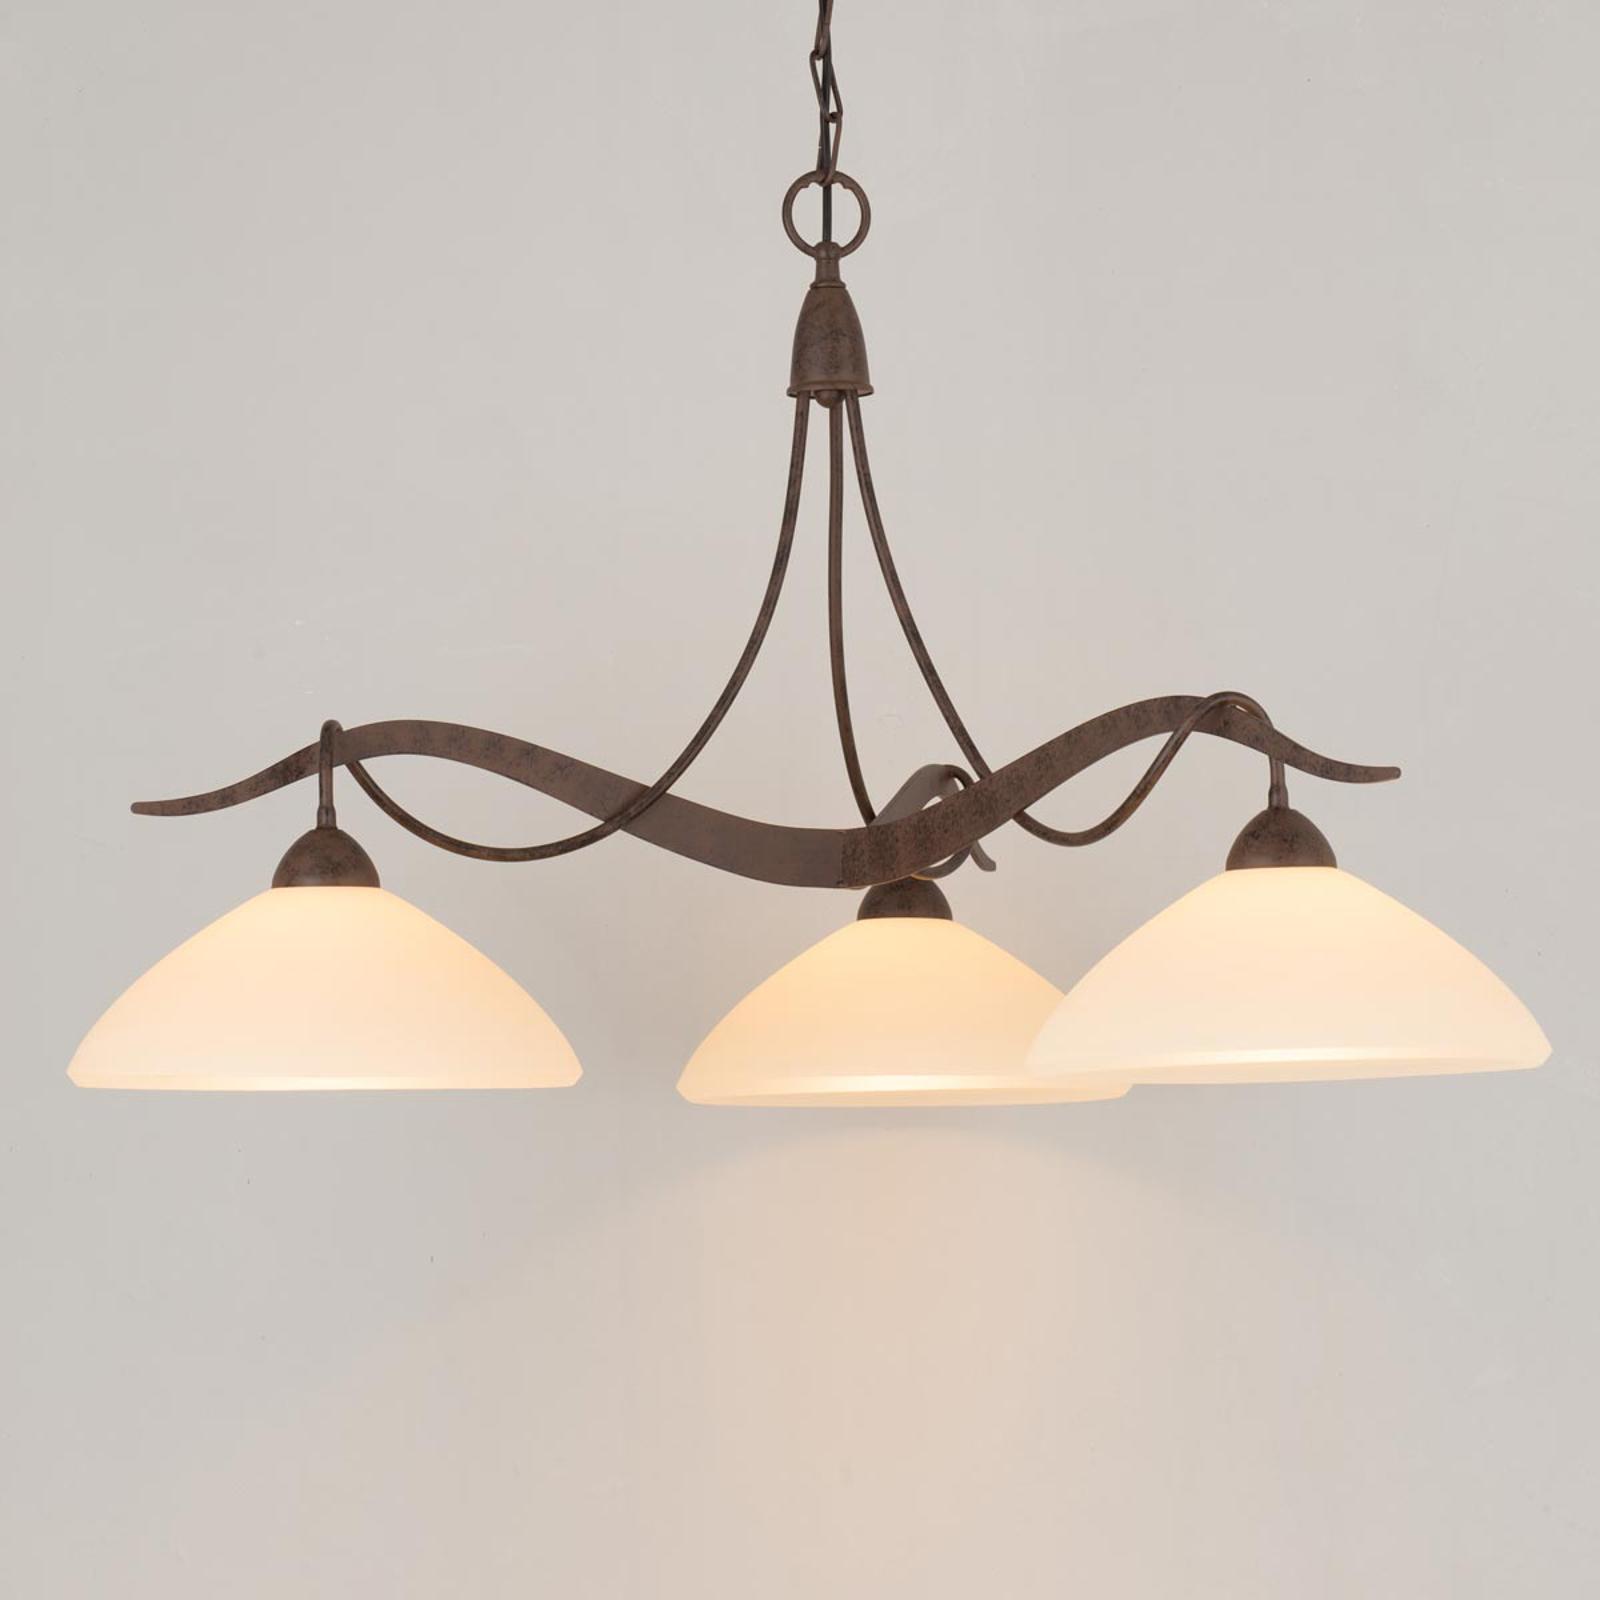 3-punktowa lampa wisząca Samuele styl wiejski krem